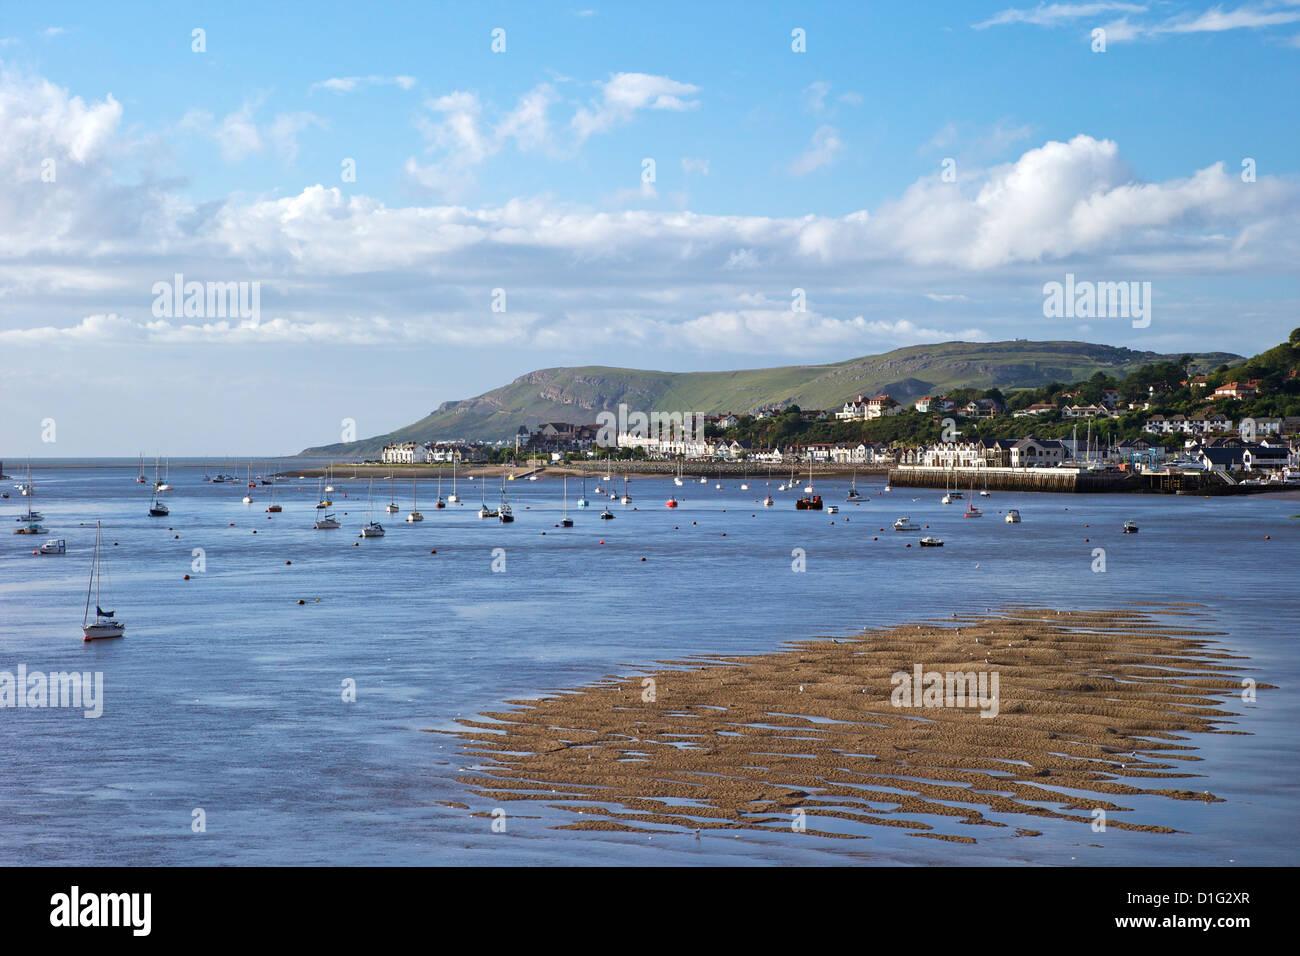 Río Conwy Deganwy estuario buscando y gran orme, Llandudno, en verano, Gwynedd, al norte de Gales, Reino Unido, Imagen De Stock